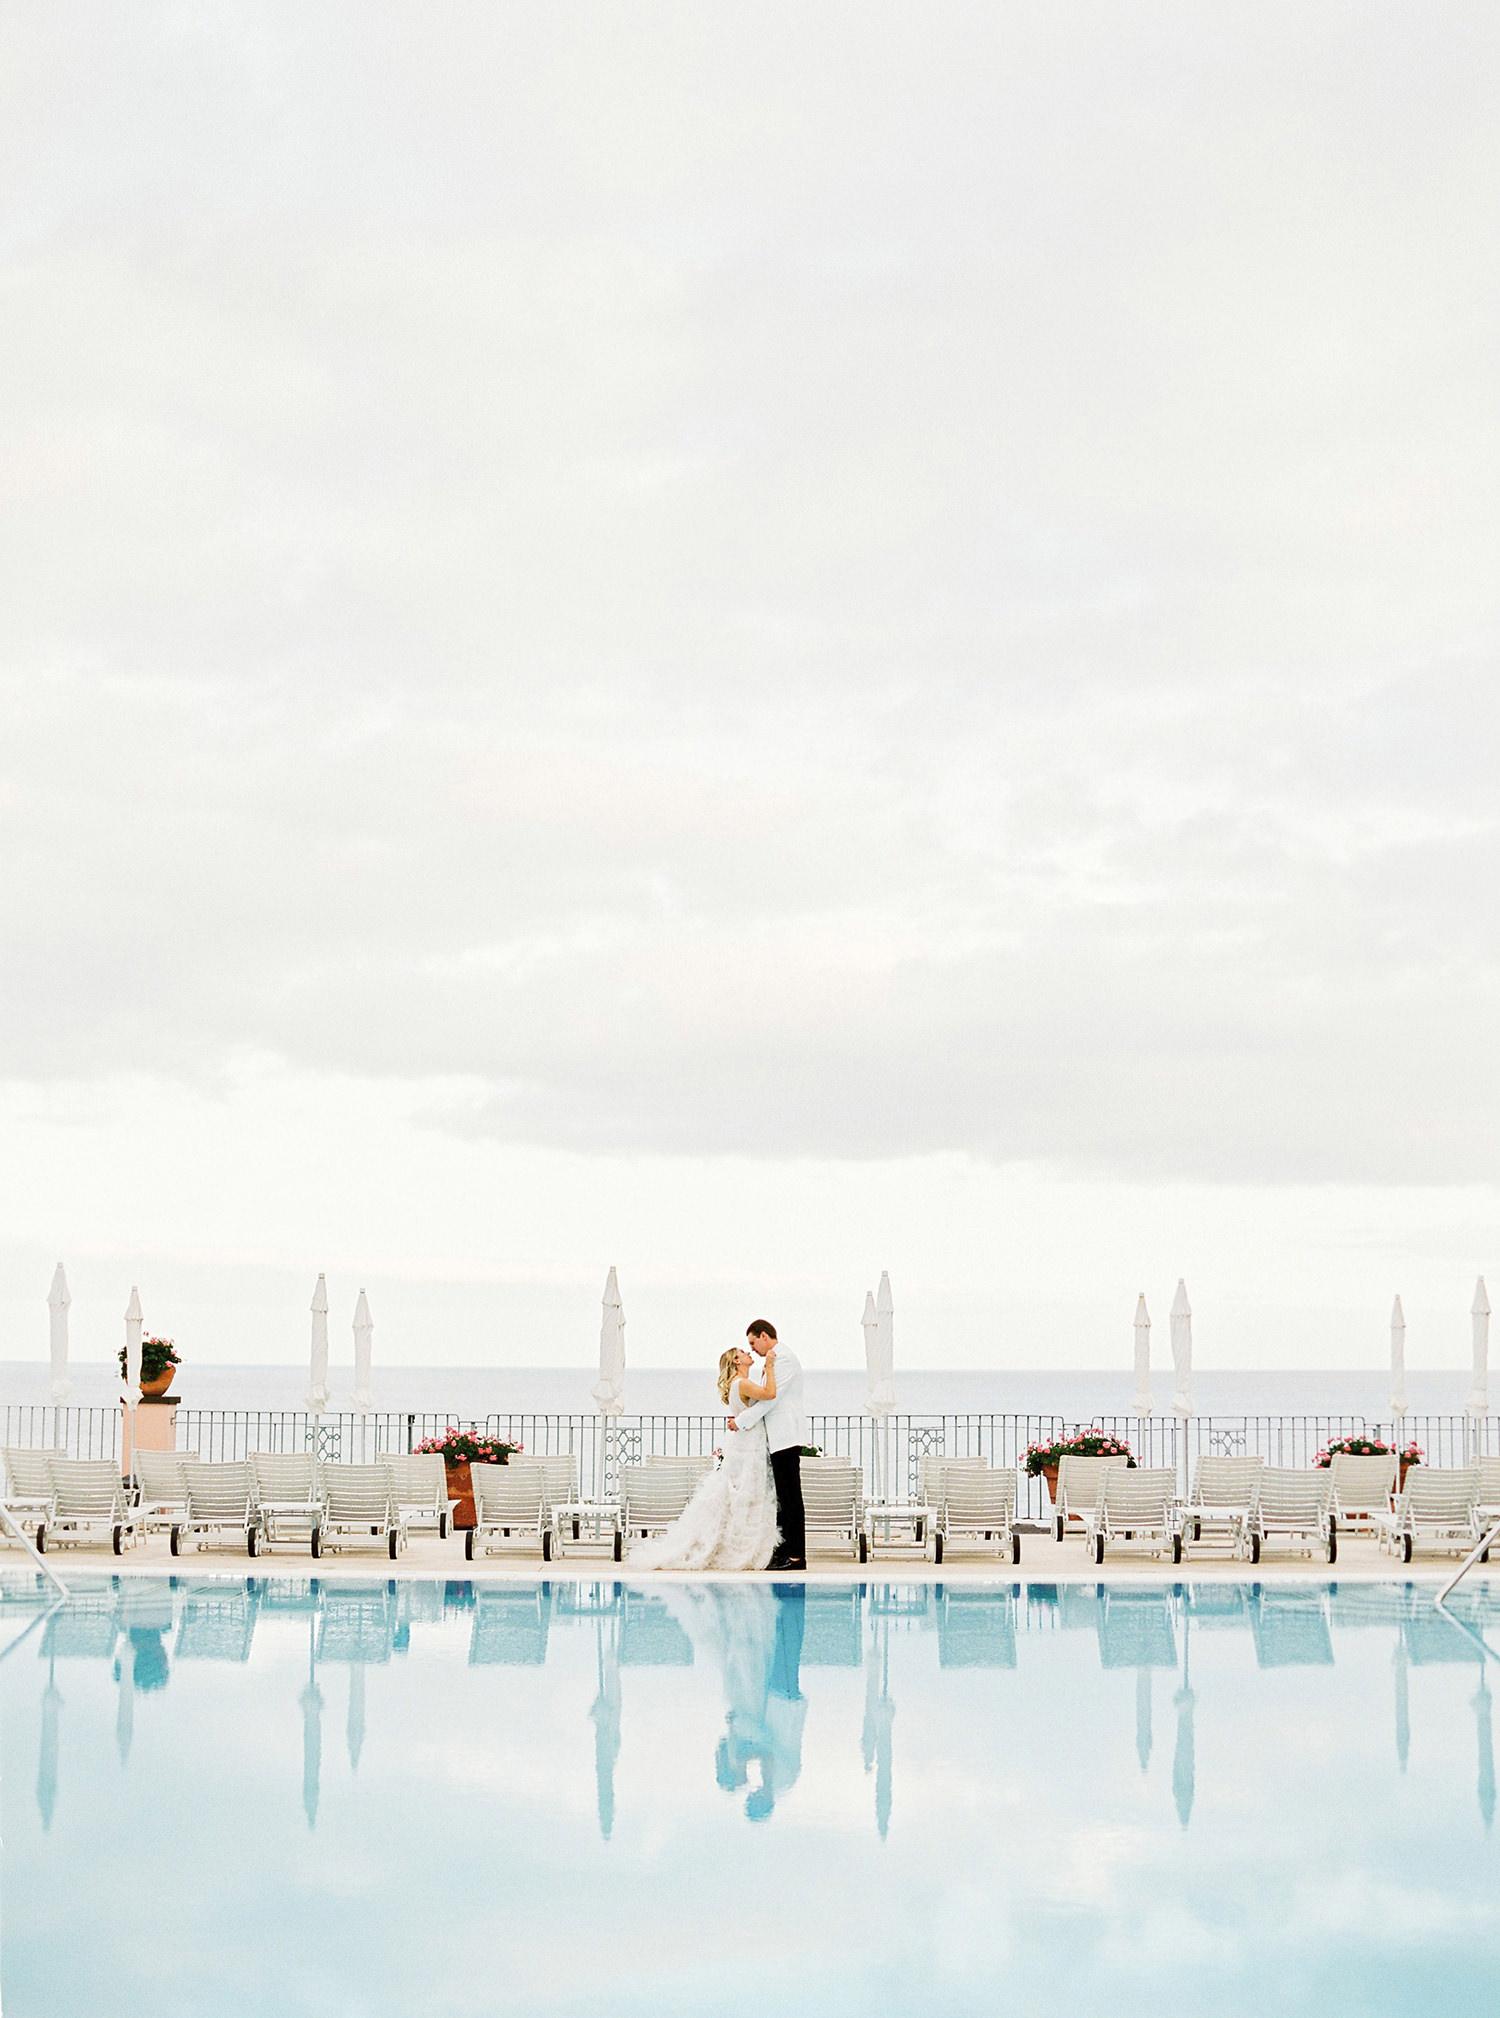 Pool wedding shoot in Madeira Island